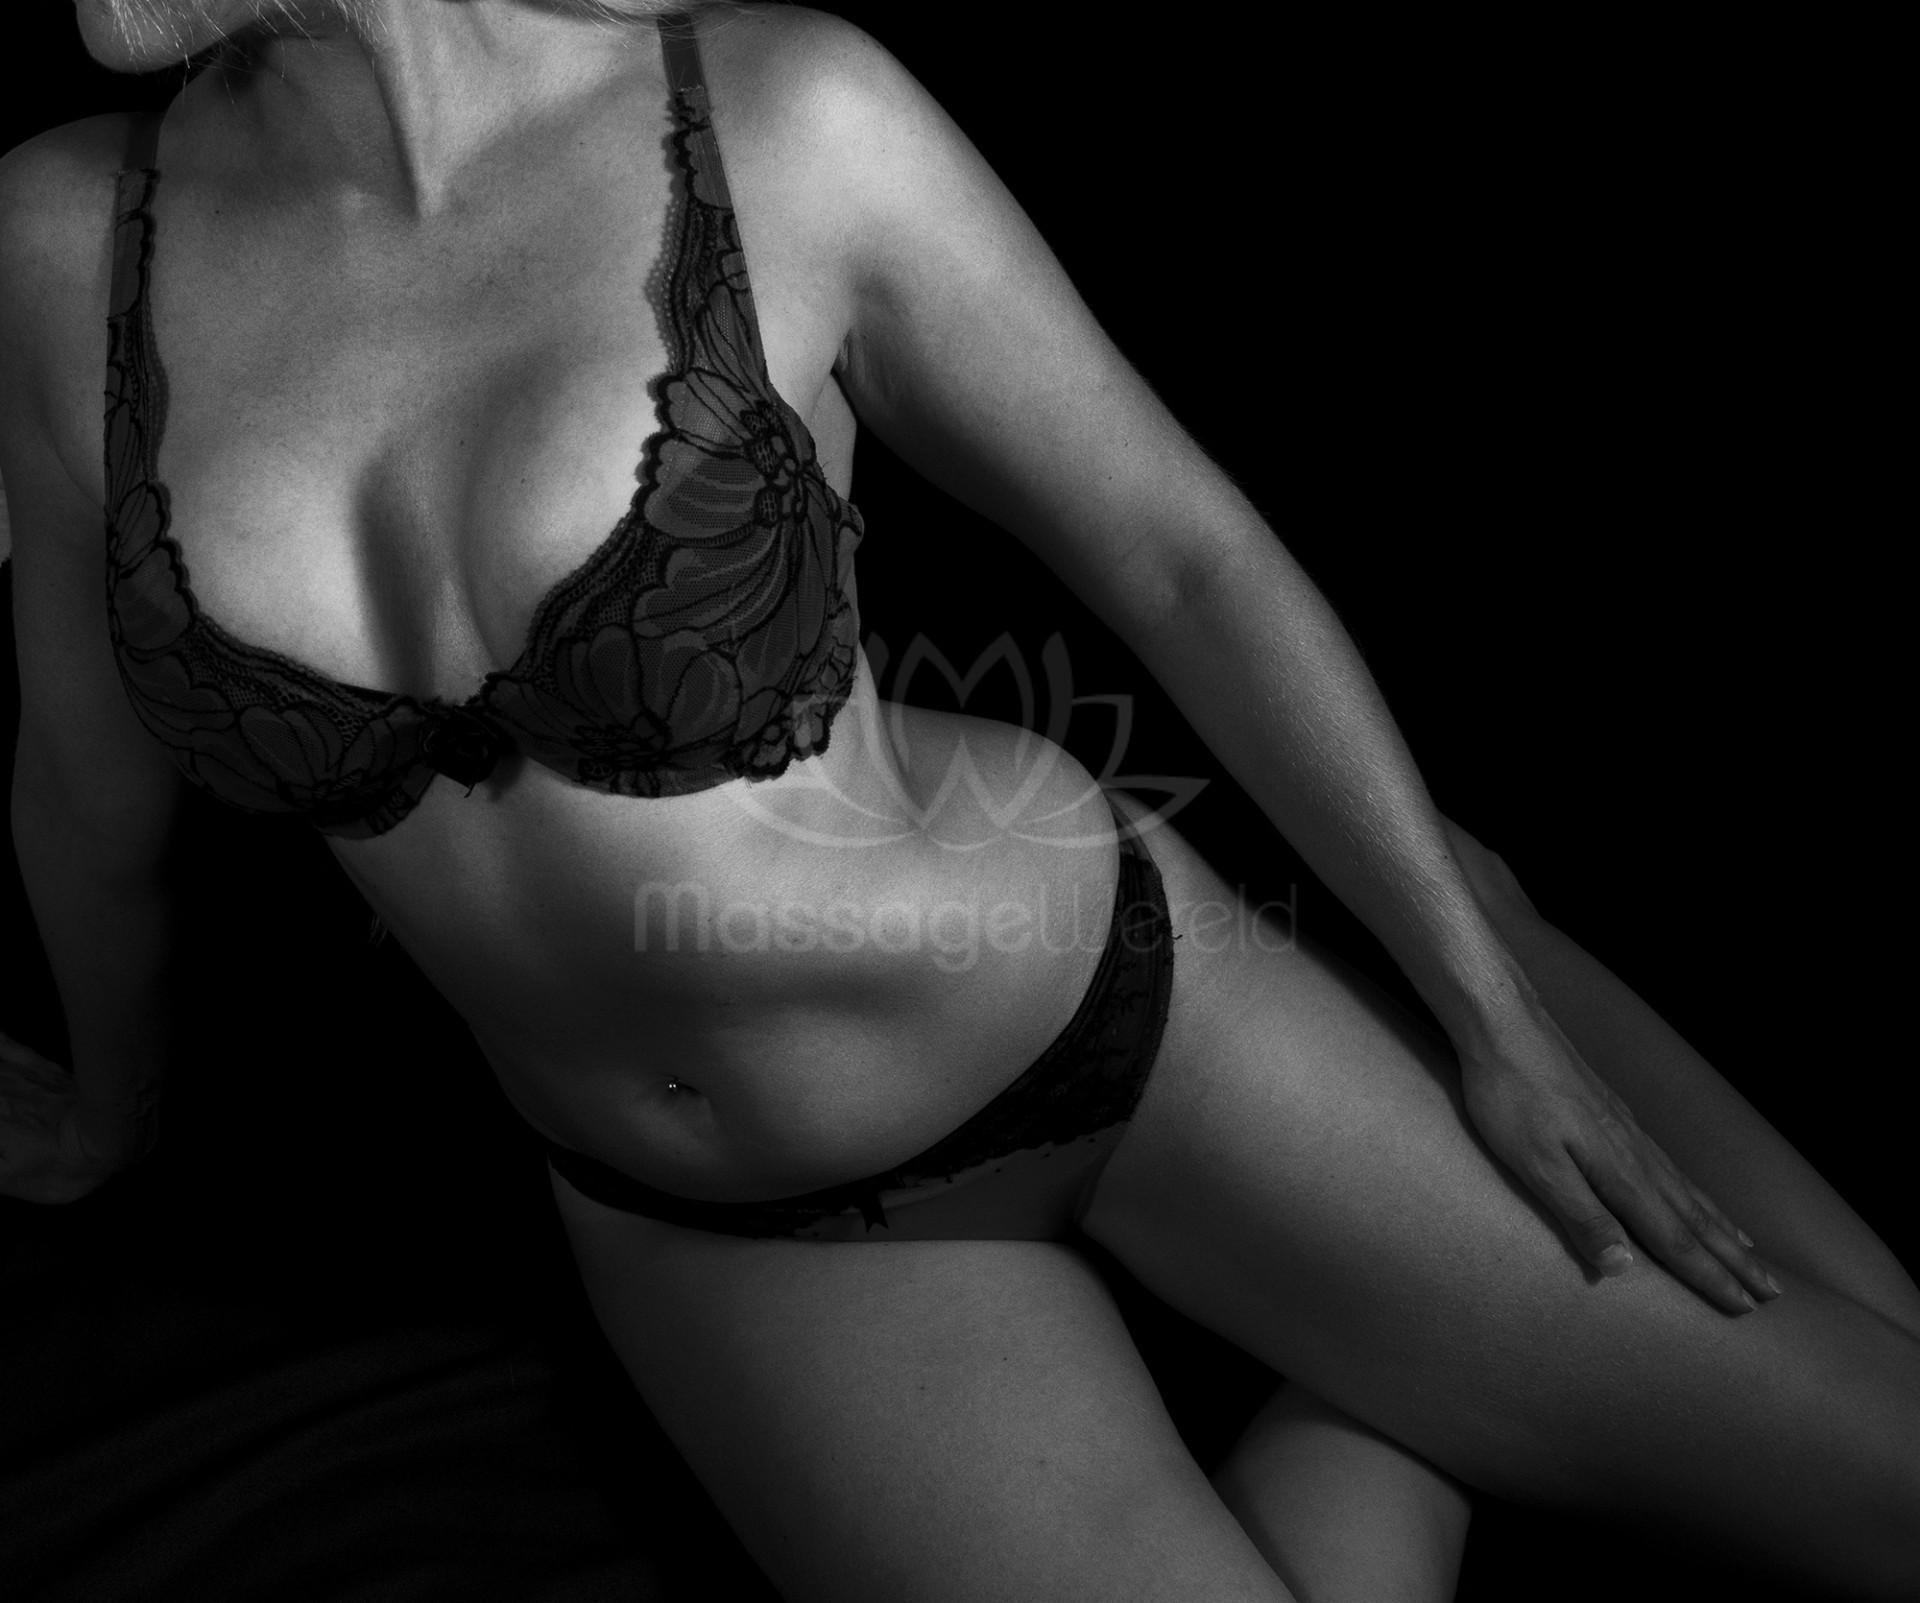 nachtclub massage grote borsten in Nijmegen